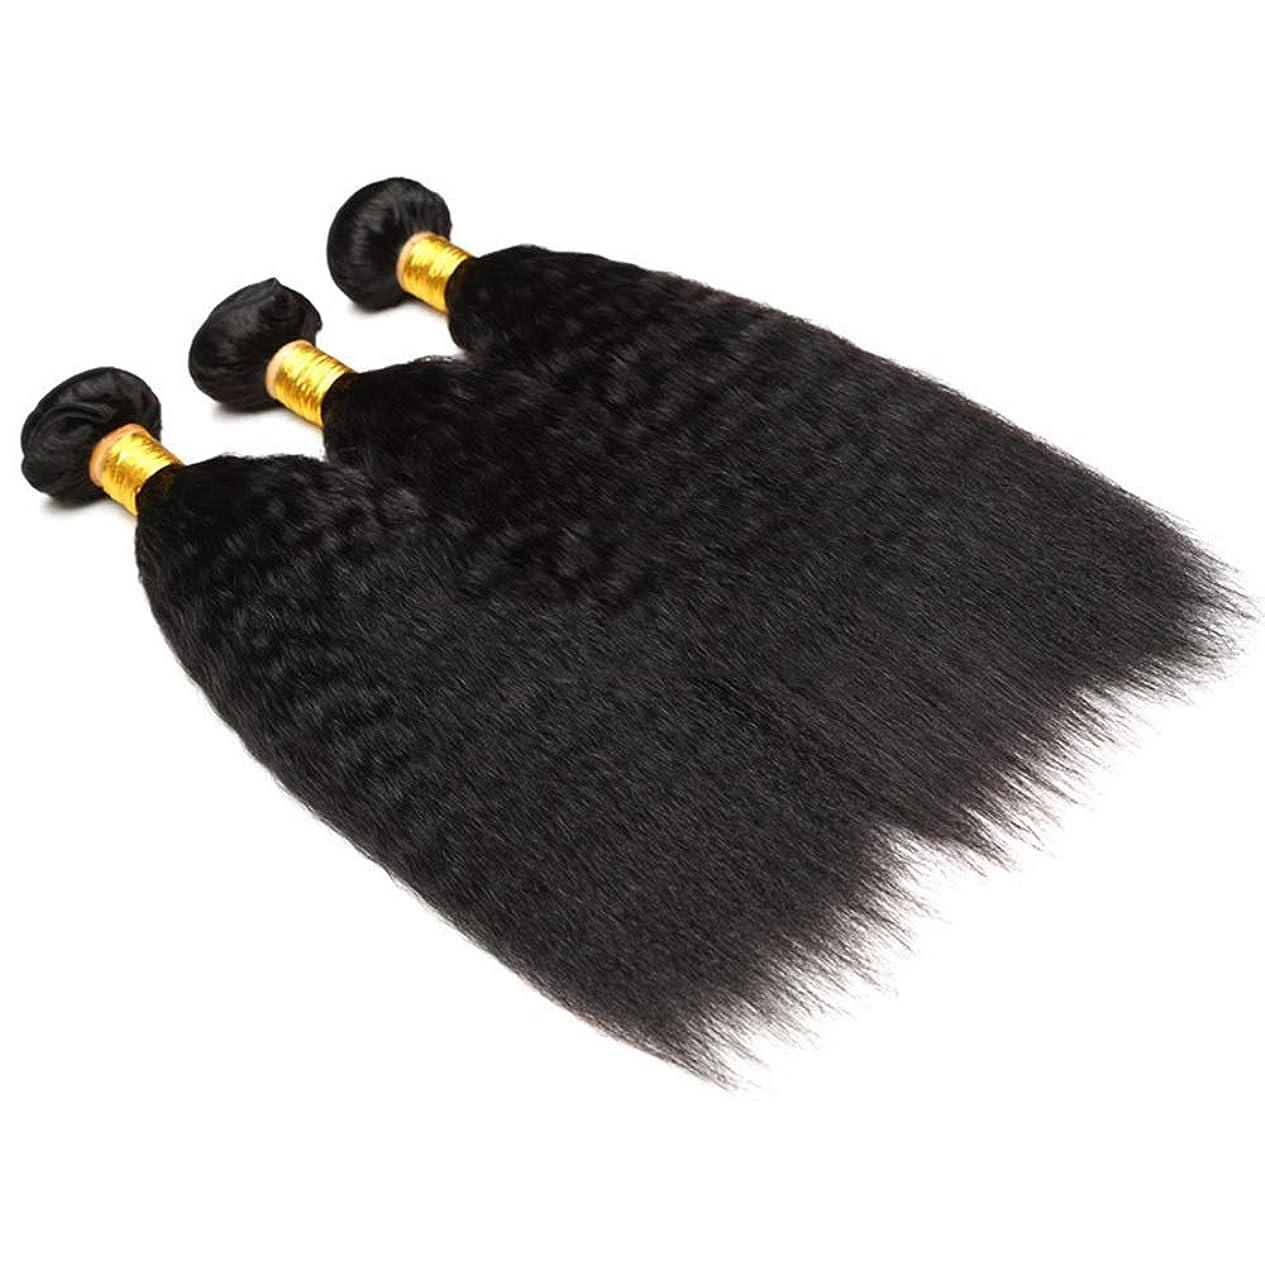 壮大な兵器庫急流HOHYLLYA ブラジルの本物の人間の髪の毛の束焼きストレートヘア1バンドルナチュラルカラー織り7Aグレードファッションウィッグ(10インチ-26インチ)パーティーウィッグ (色 : 黒, サイズ : 10 inch)